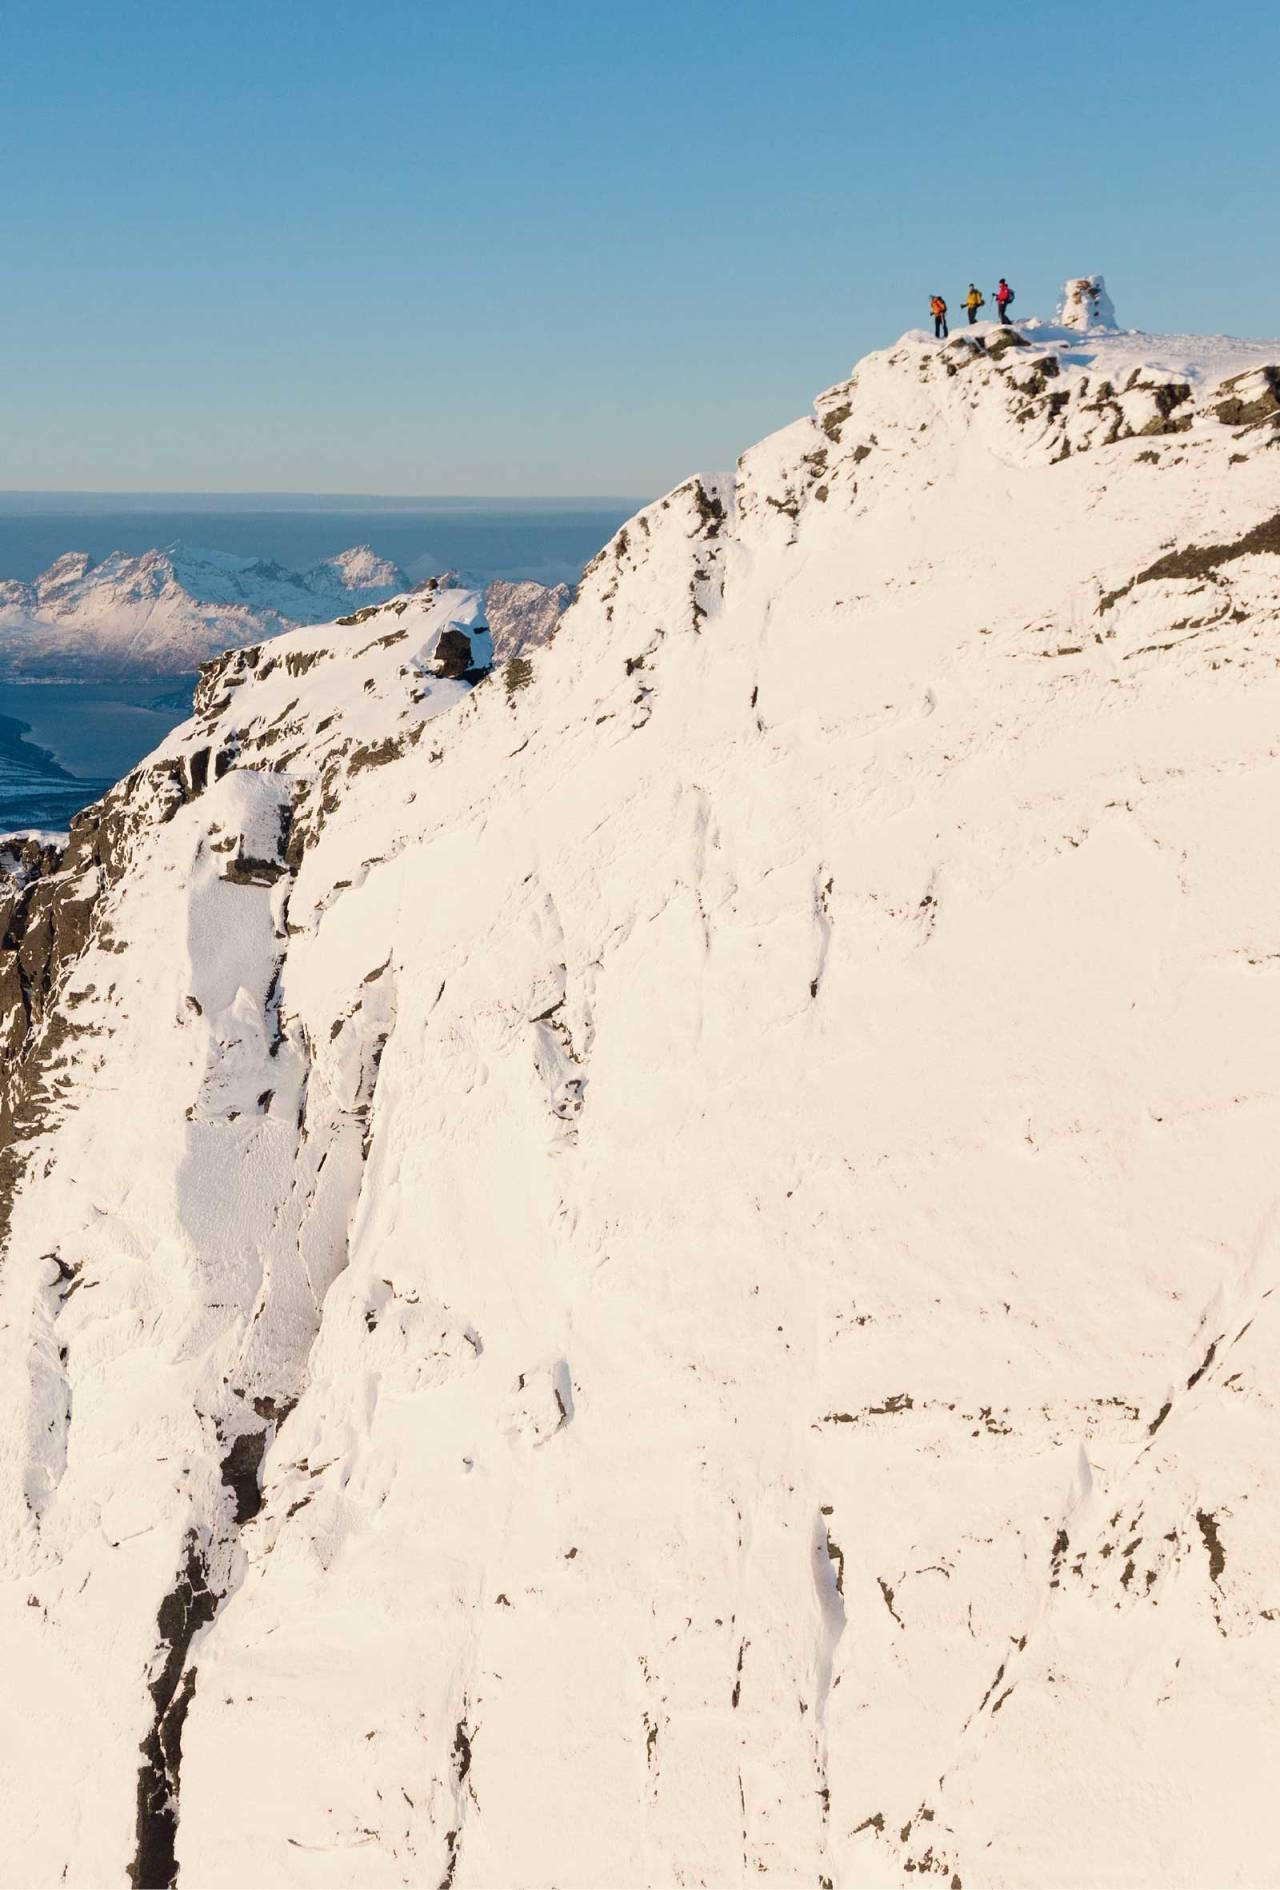 Toppen er spektakulær, og på ingen måte vanskelig å komme seg opp på som det kan virke på bildet. Foto: Fredrik Schenholm